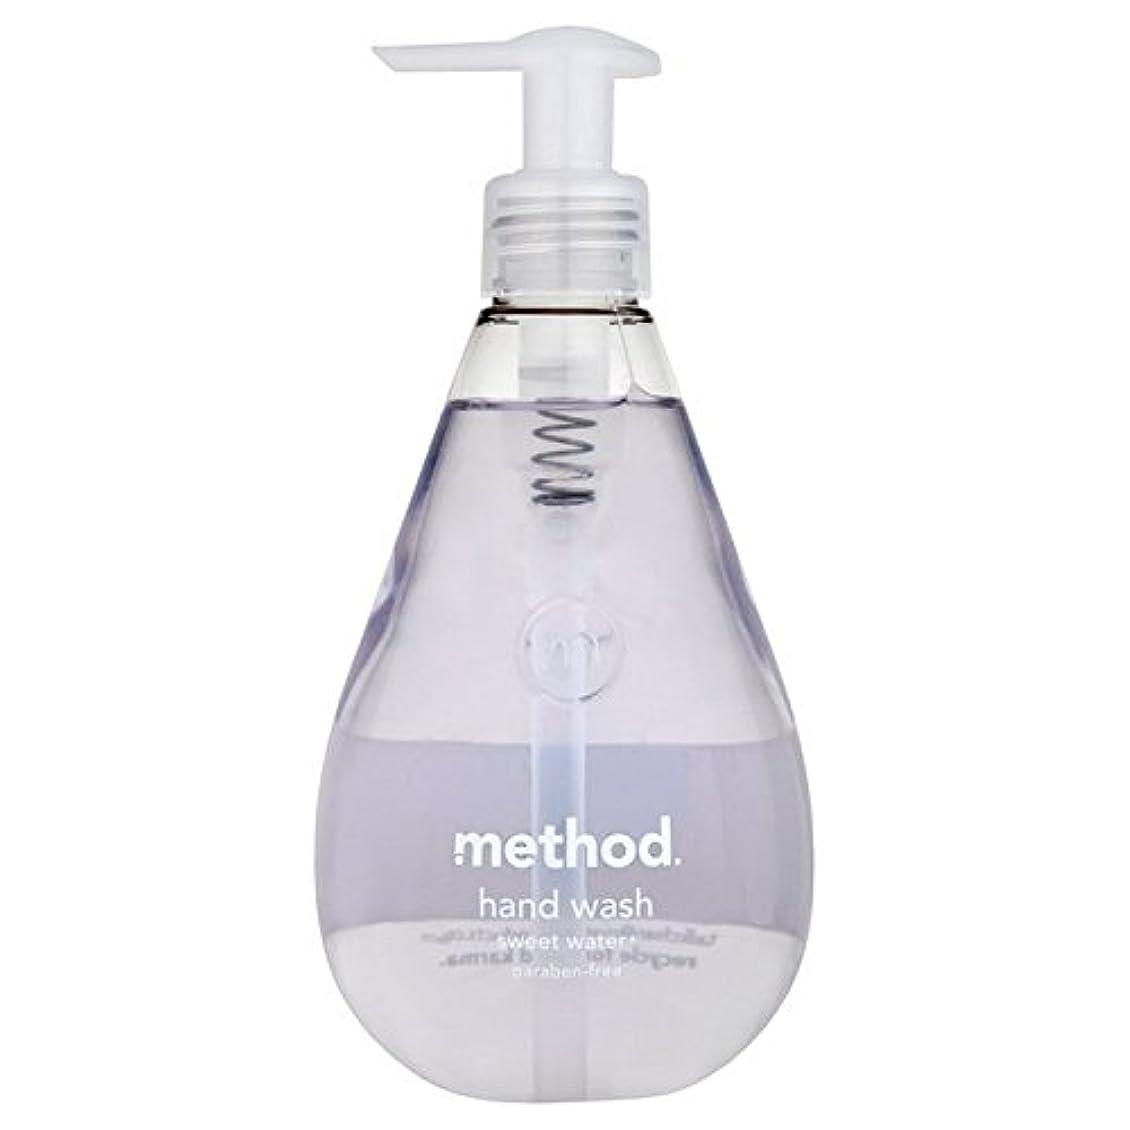 時代遅れ中古指標メソッドの甘い水の354ミリリットル x2 - Method Sweet Water Handsoap 354ml (Pack of 2) [並行輸入品]